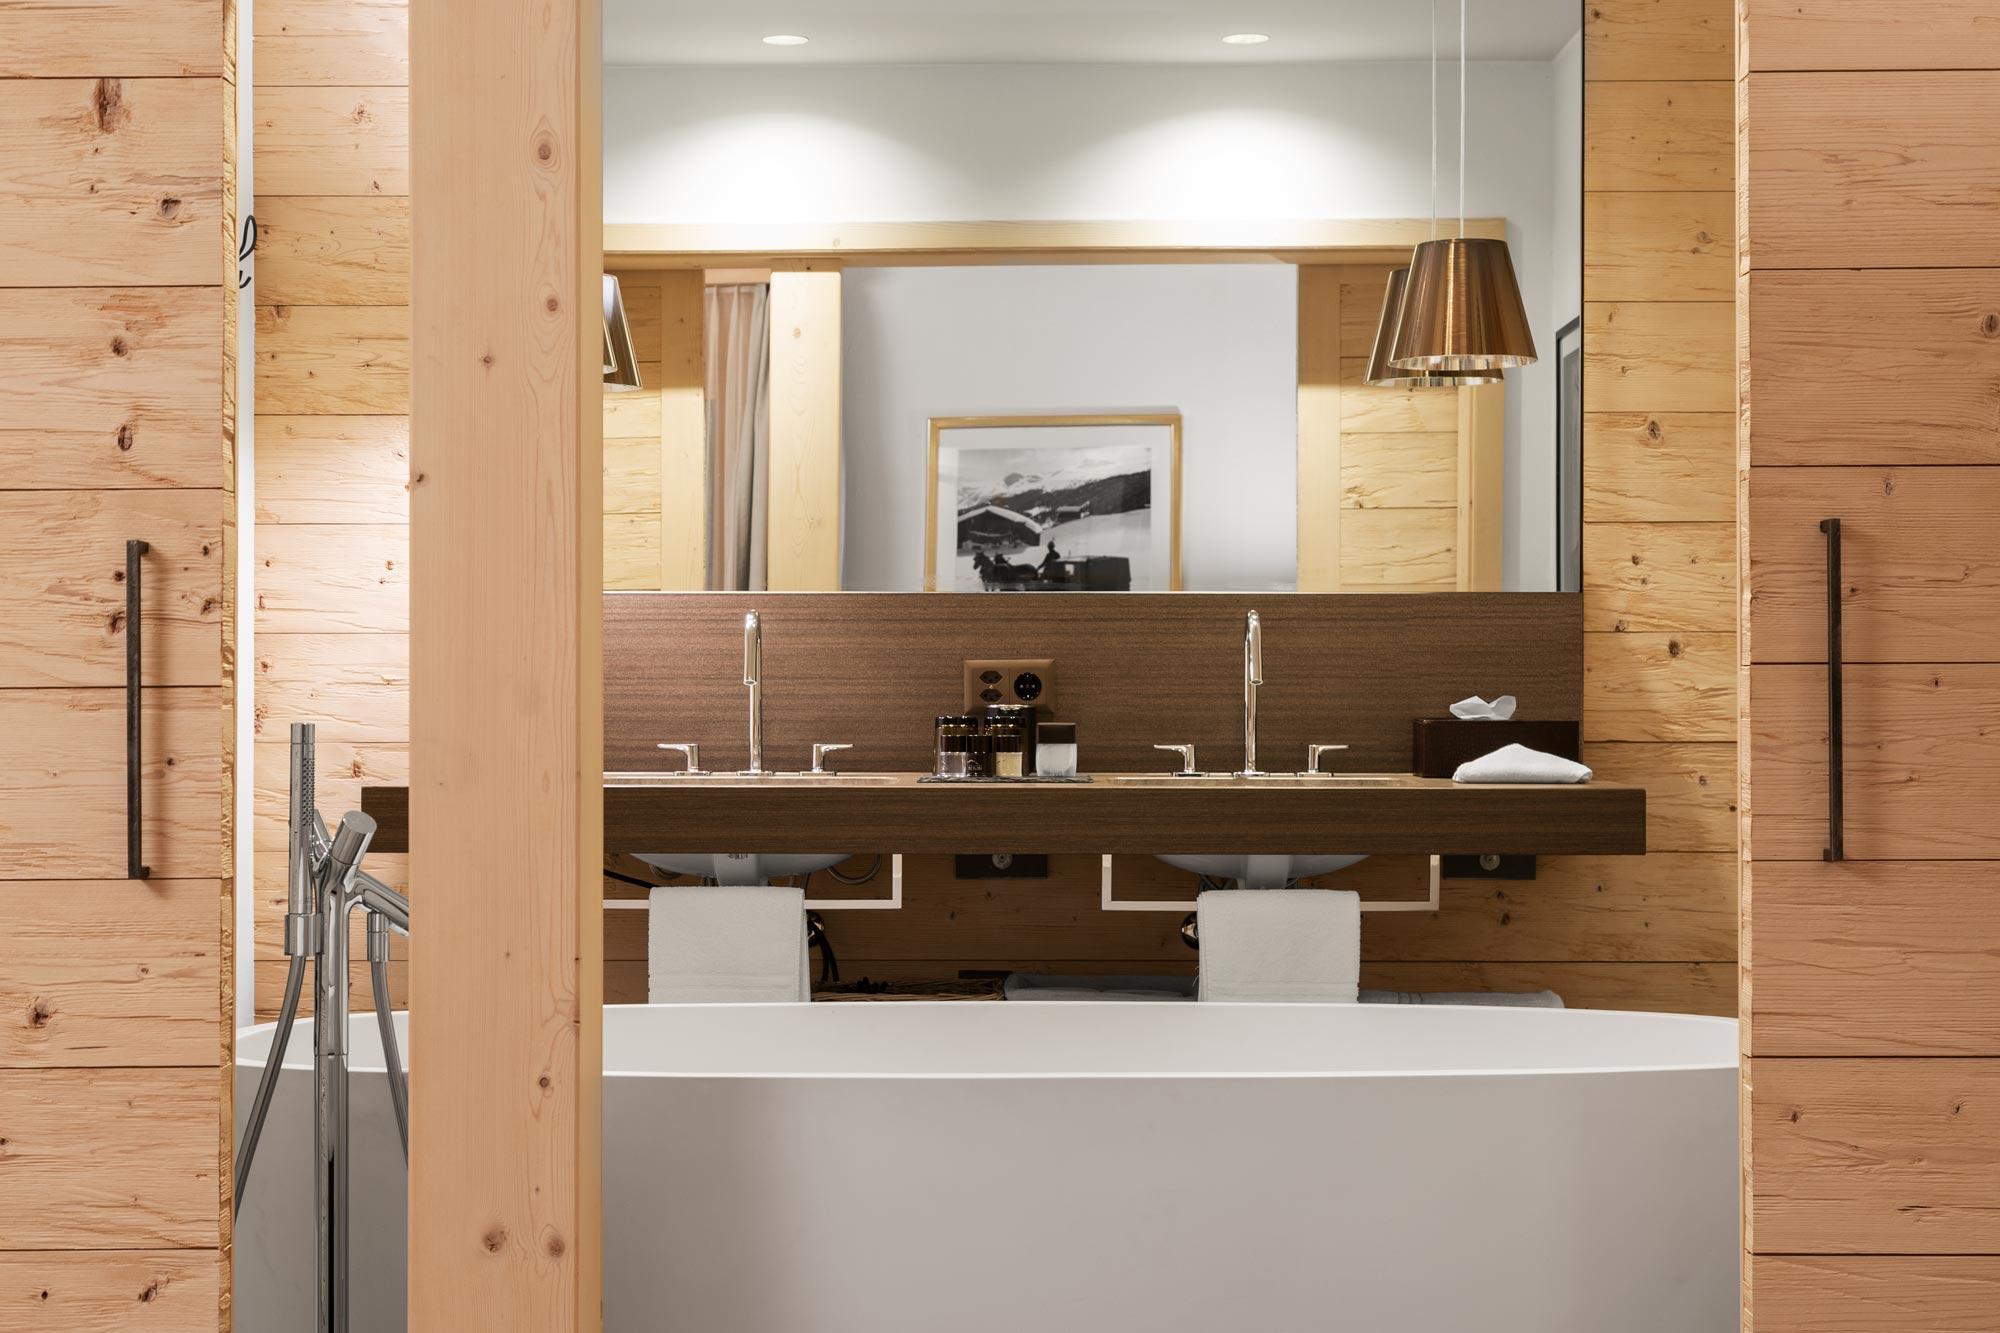 Architekturfotografie Hotelbadezimmer von Adrian Kilchherr - Hotelfotograf aus Schweiz